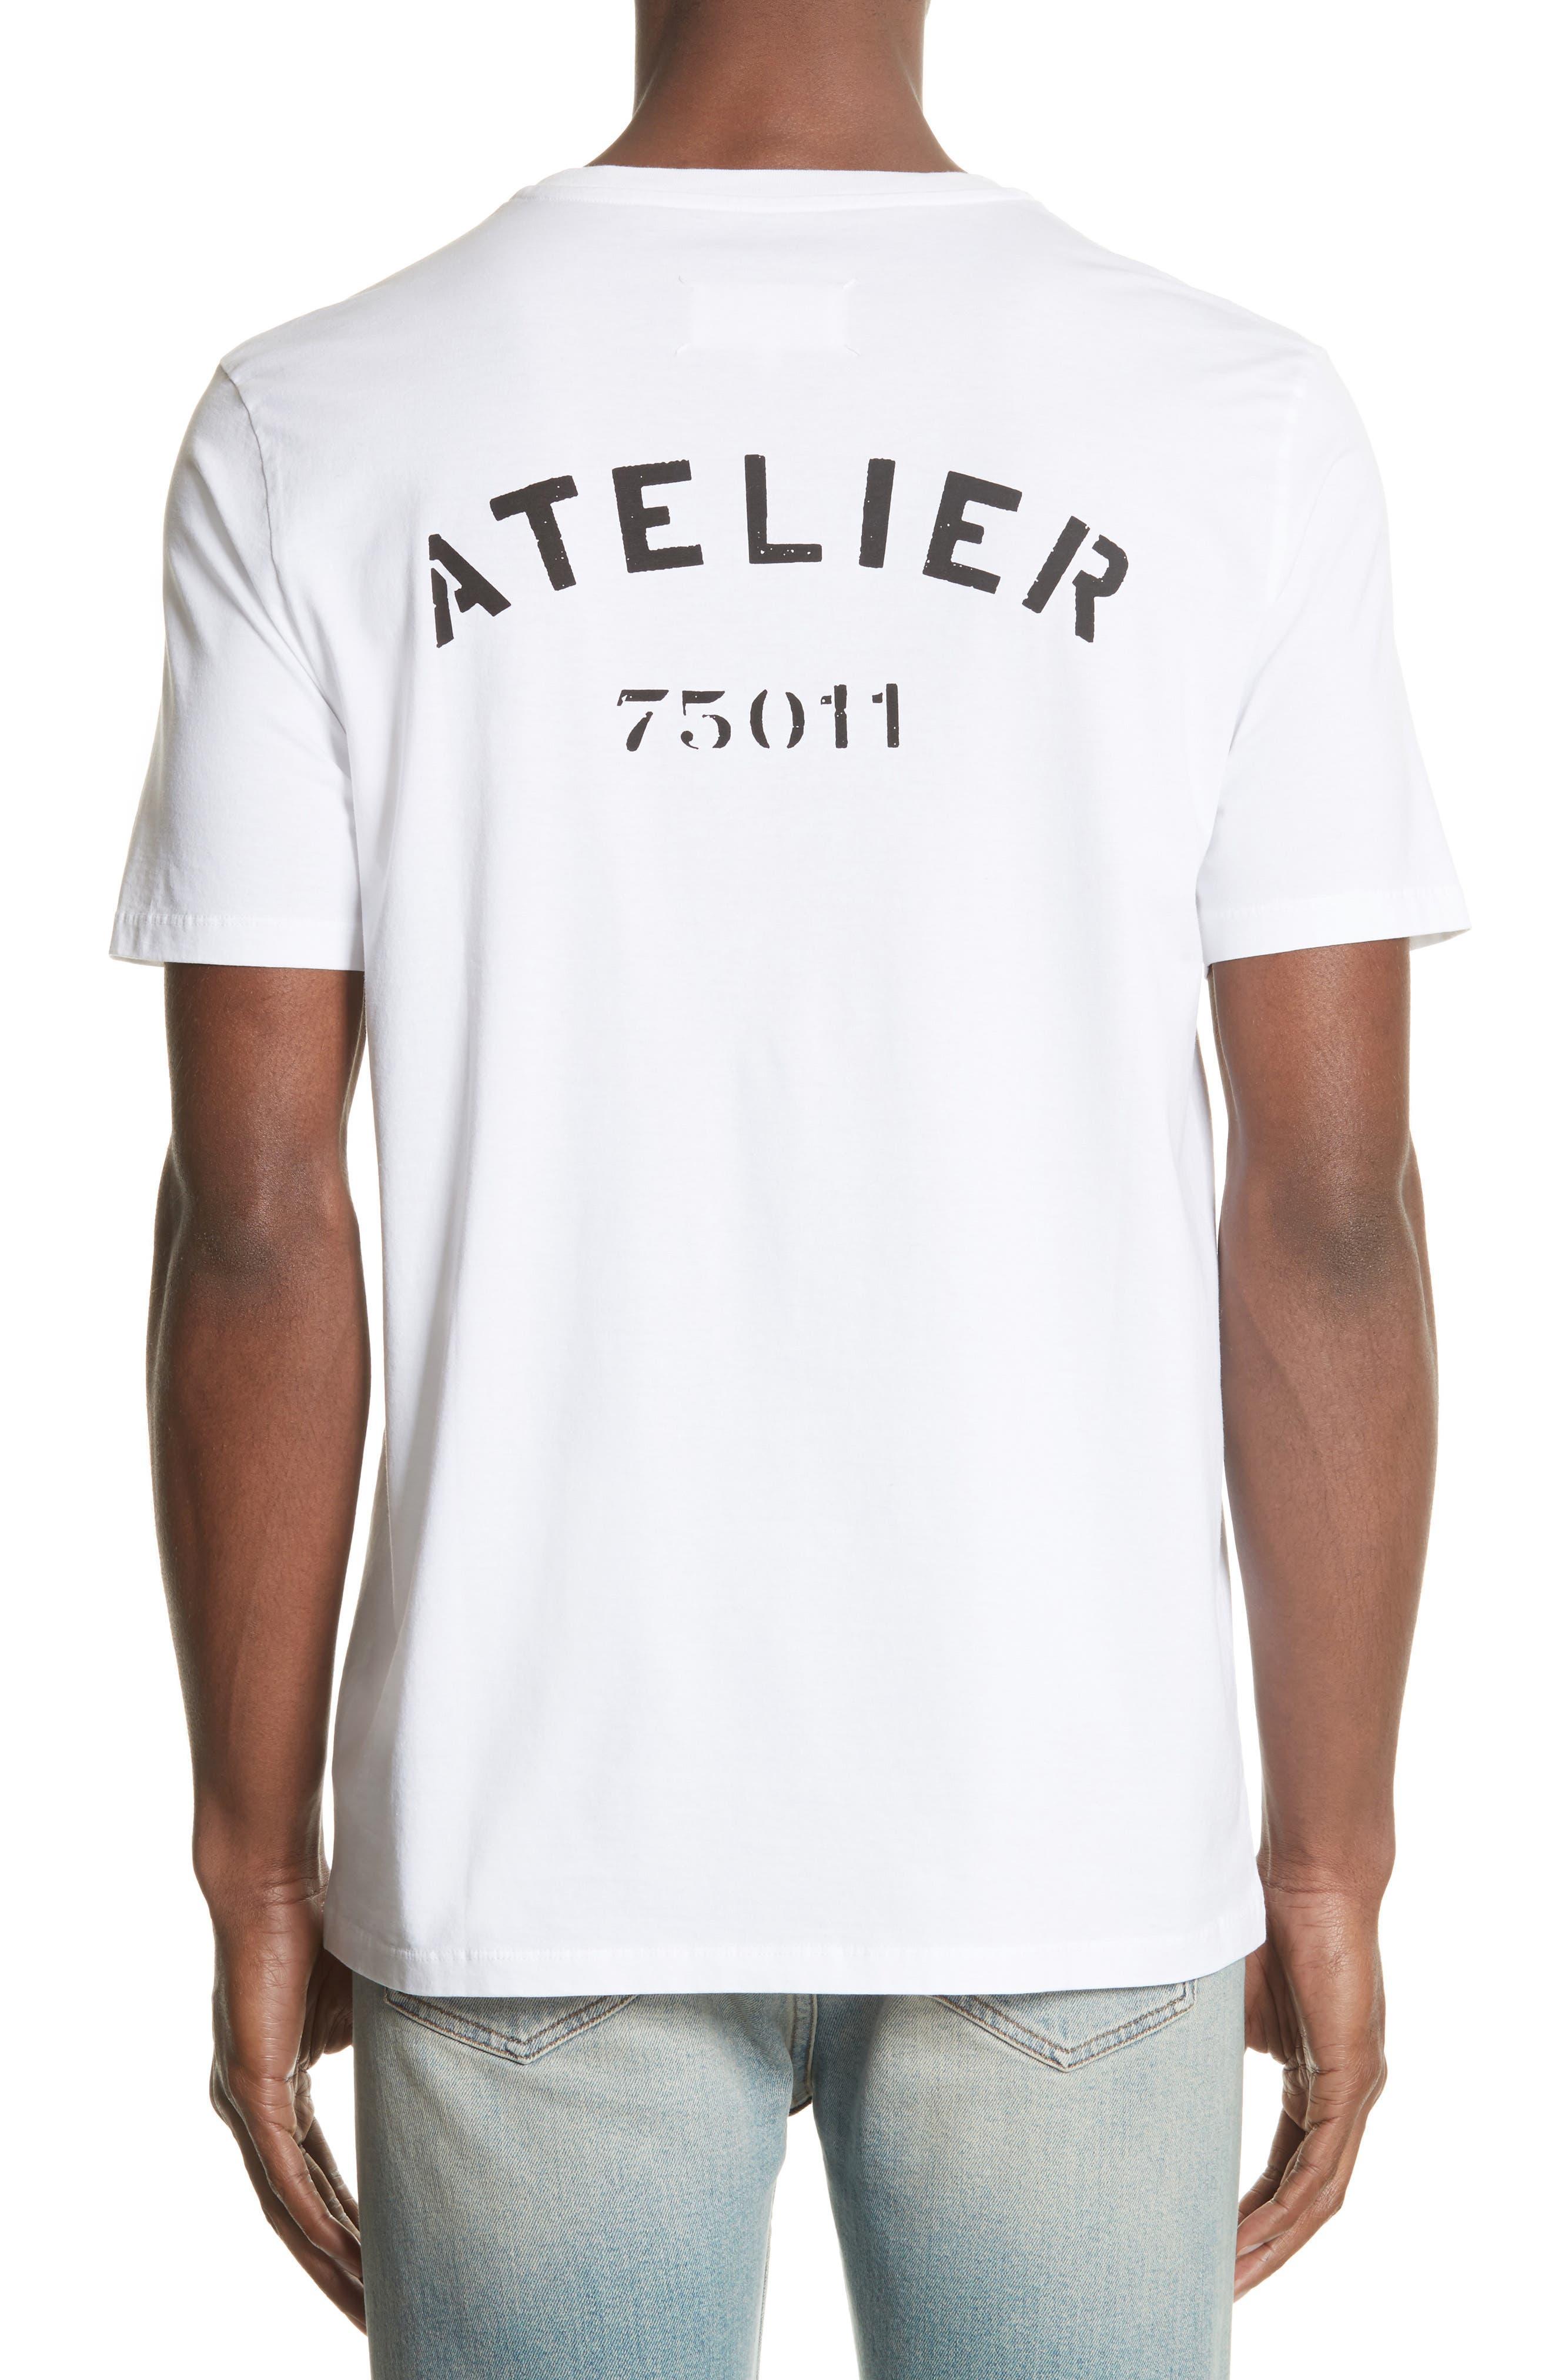 Atelier Graphic T-Shirt,                             Alternate thumbnail 2, color,                             100